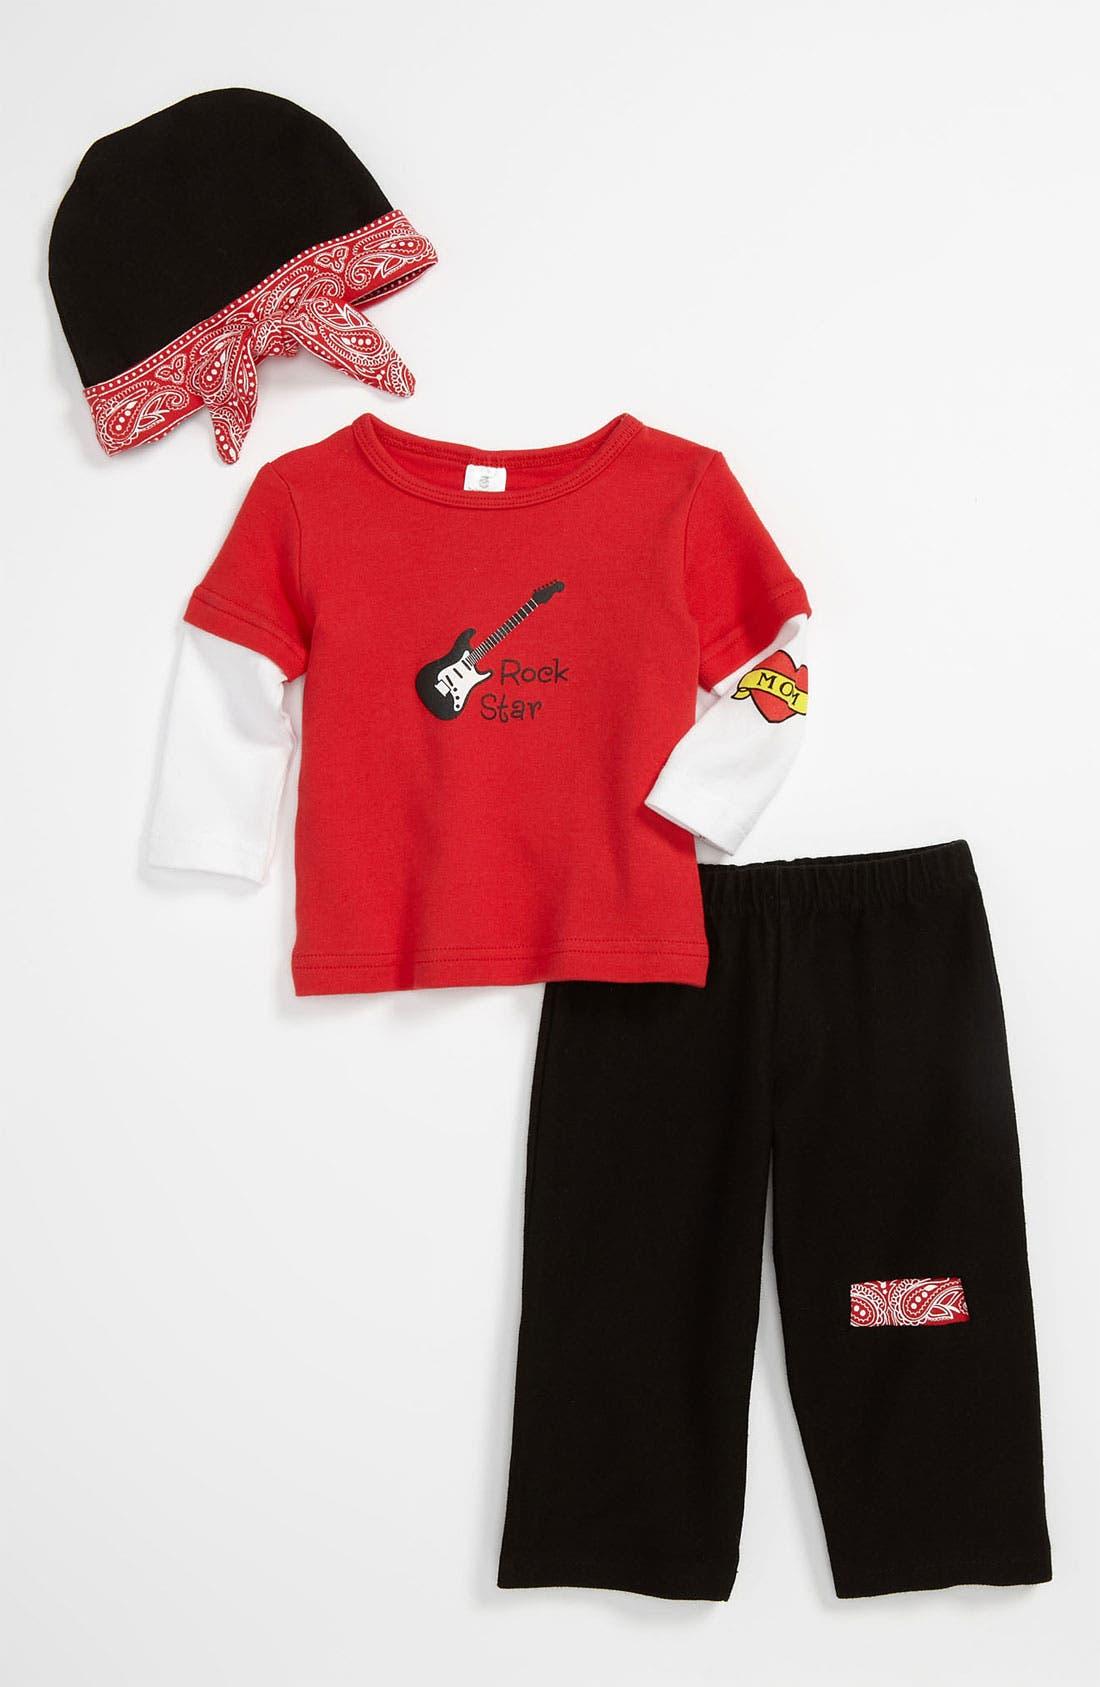 Main Image - Baby Aspen 'Baby Rockstar' Shirt, Pants & Hat (Baby)